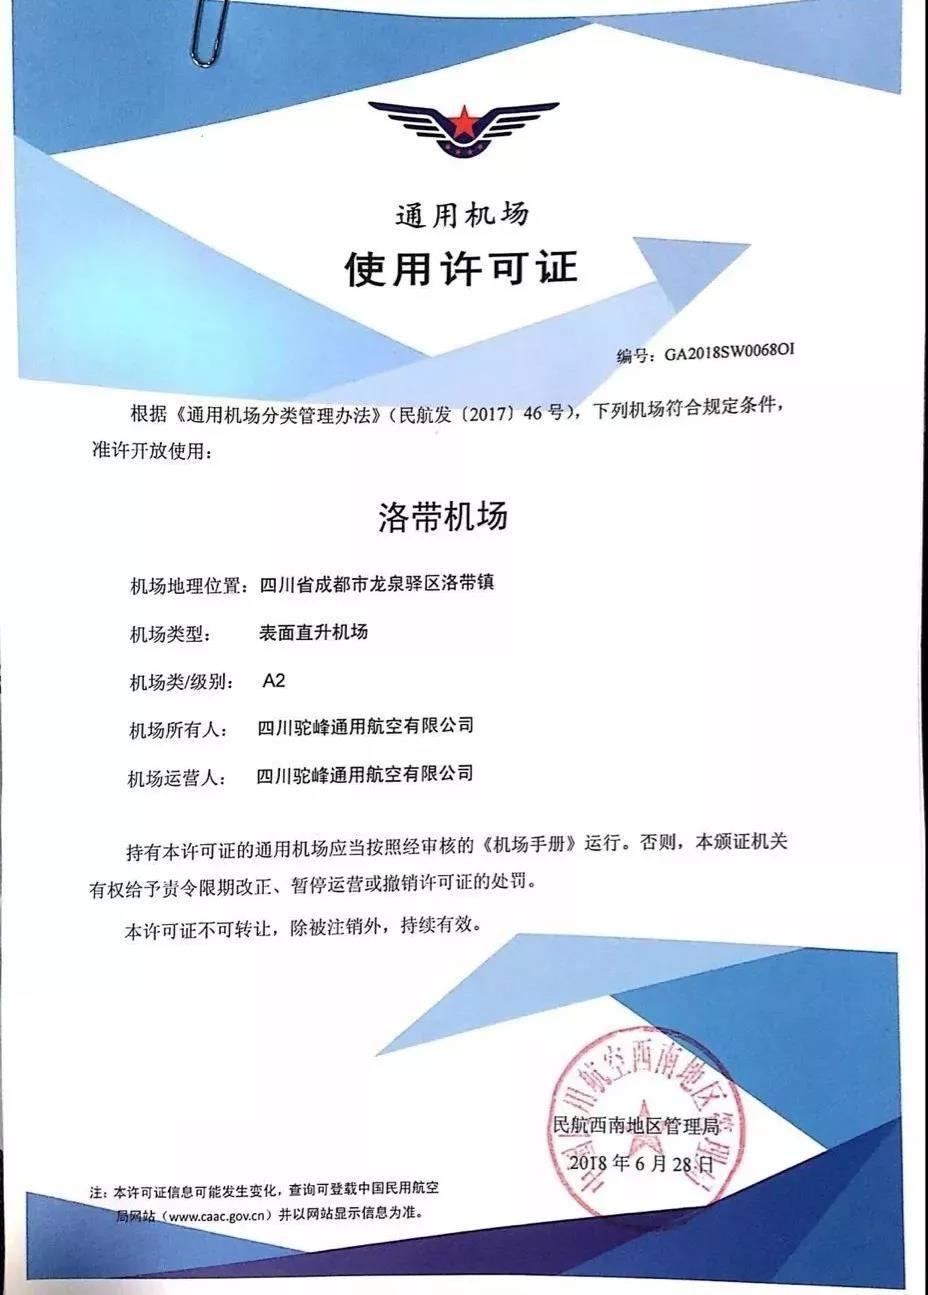 四川成都洛带直升机场换发使用许可证